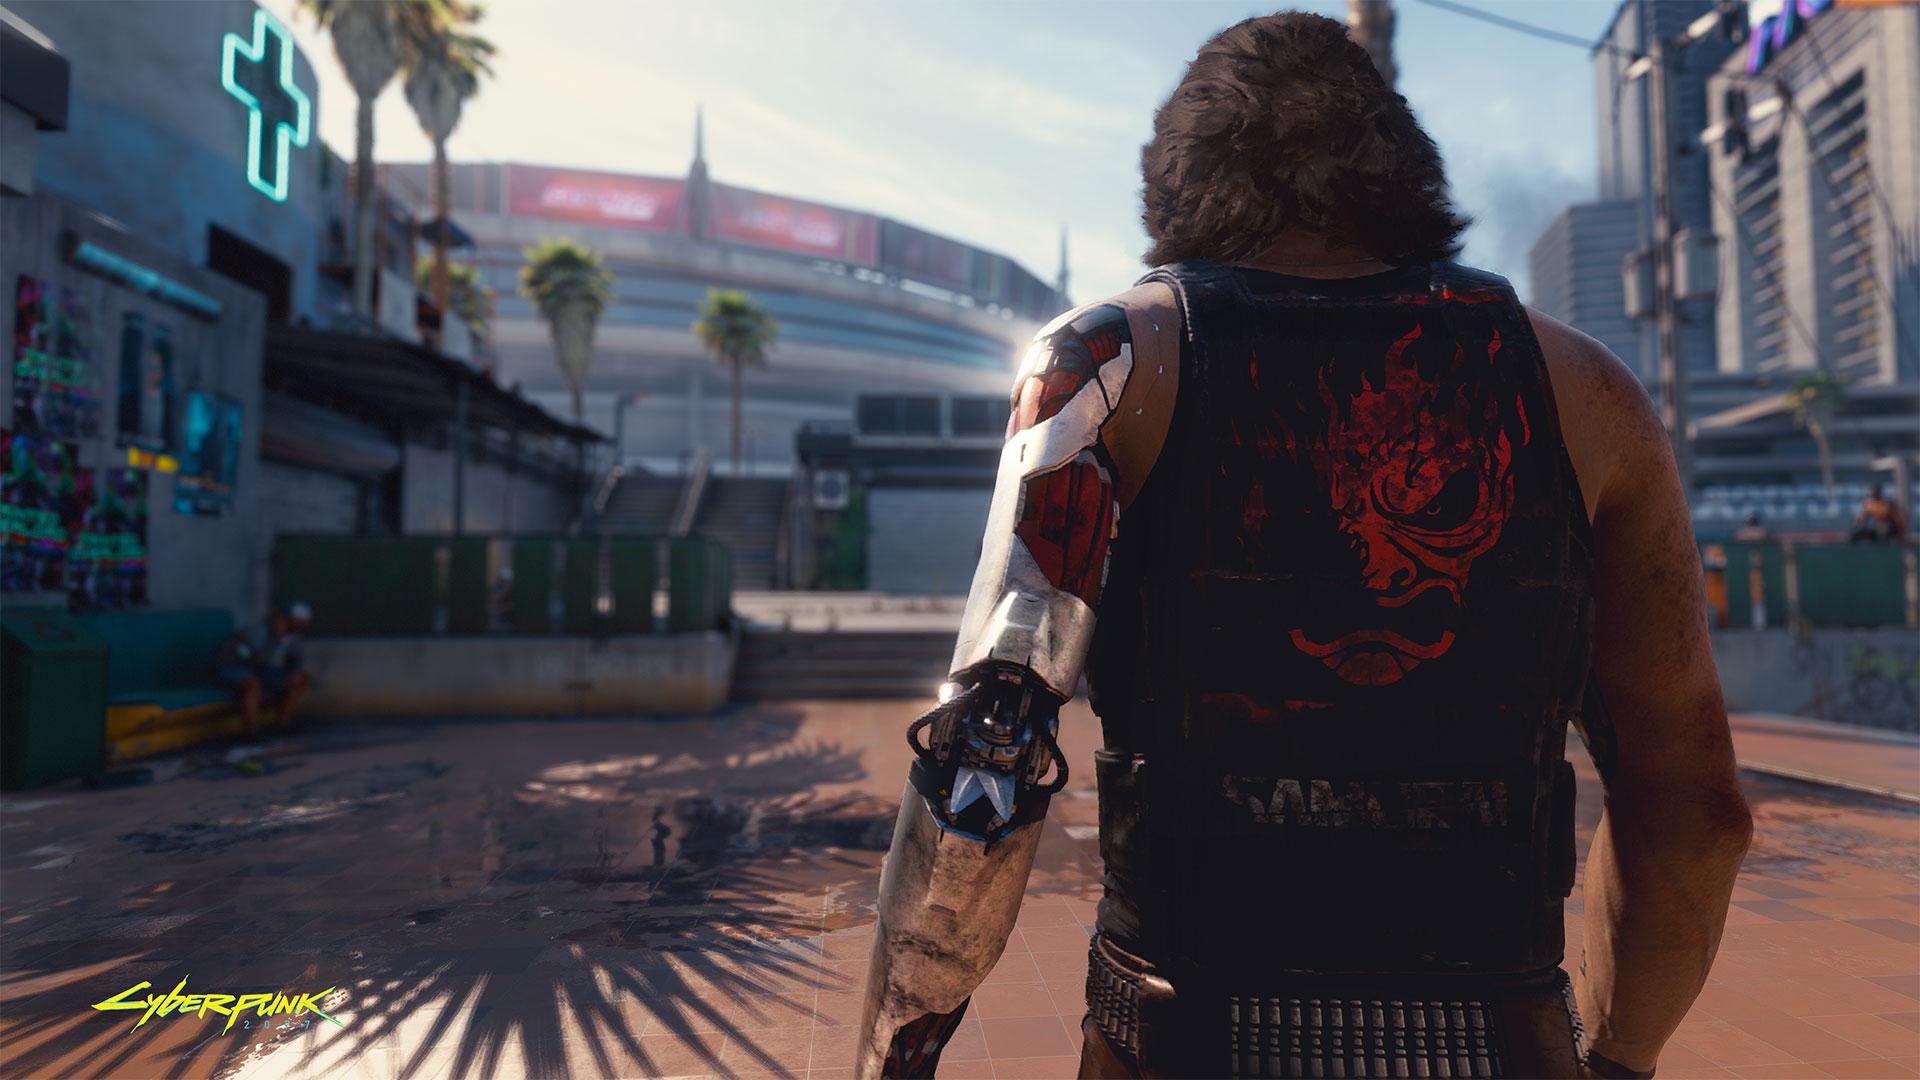 Торговая сеть GameStop начала возвращать покупателям деньги даже за вскрытые коробки с Cyberpunk 2077